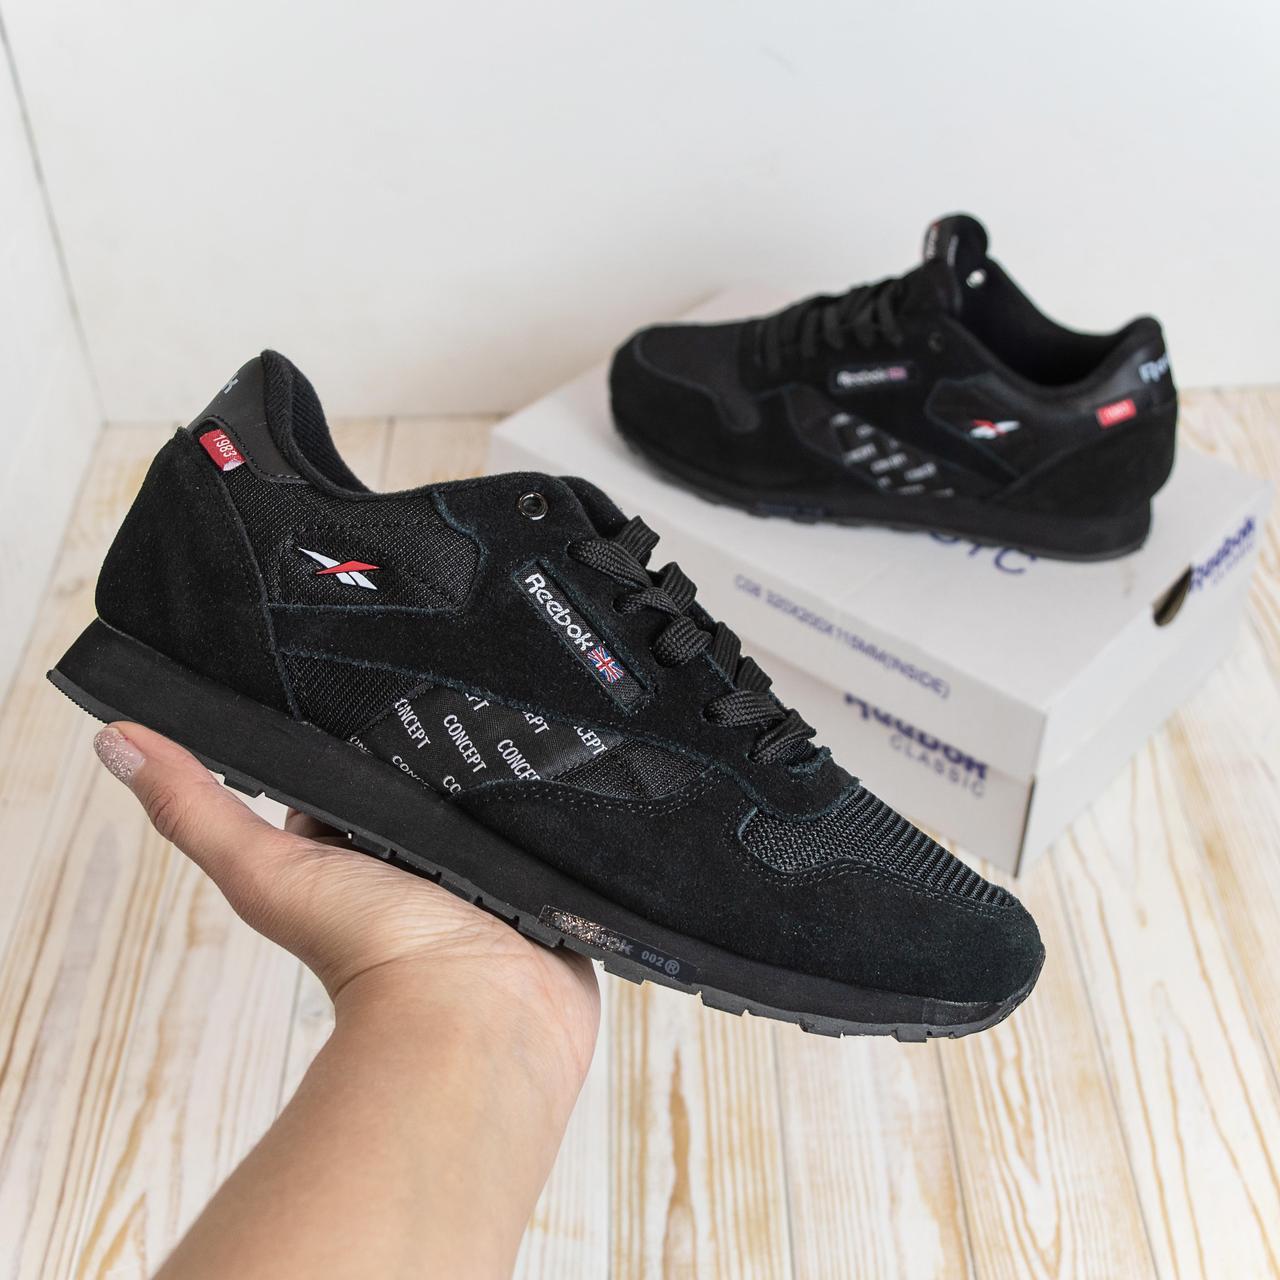 Reebok Classic замшевые черные кроссовки мужские рибок